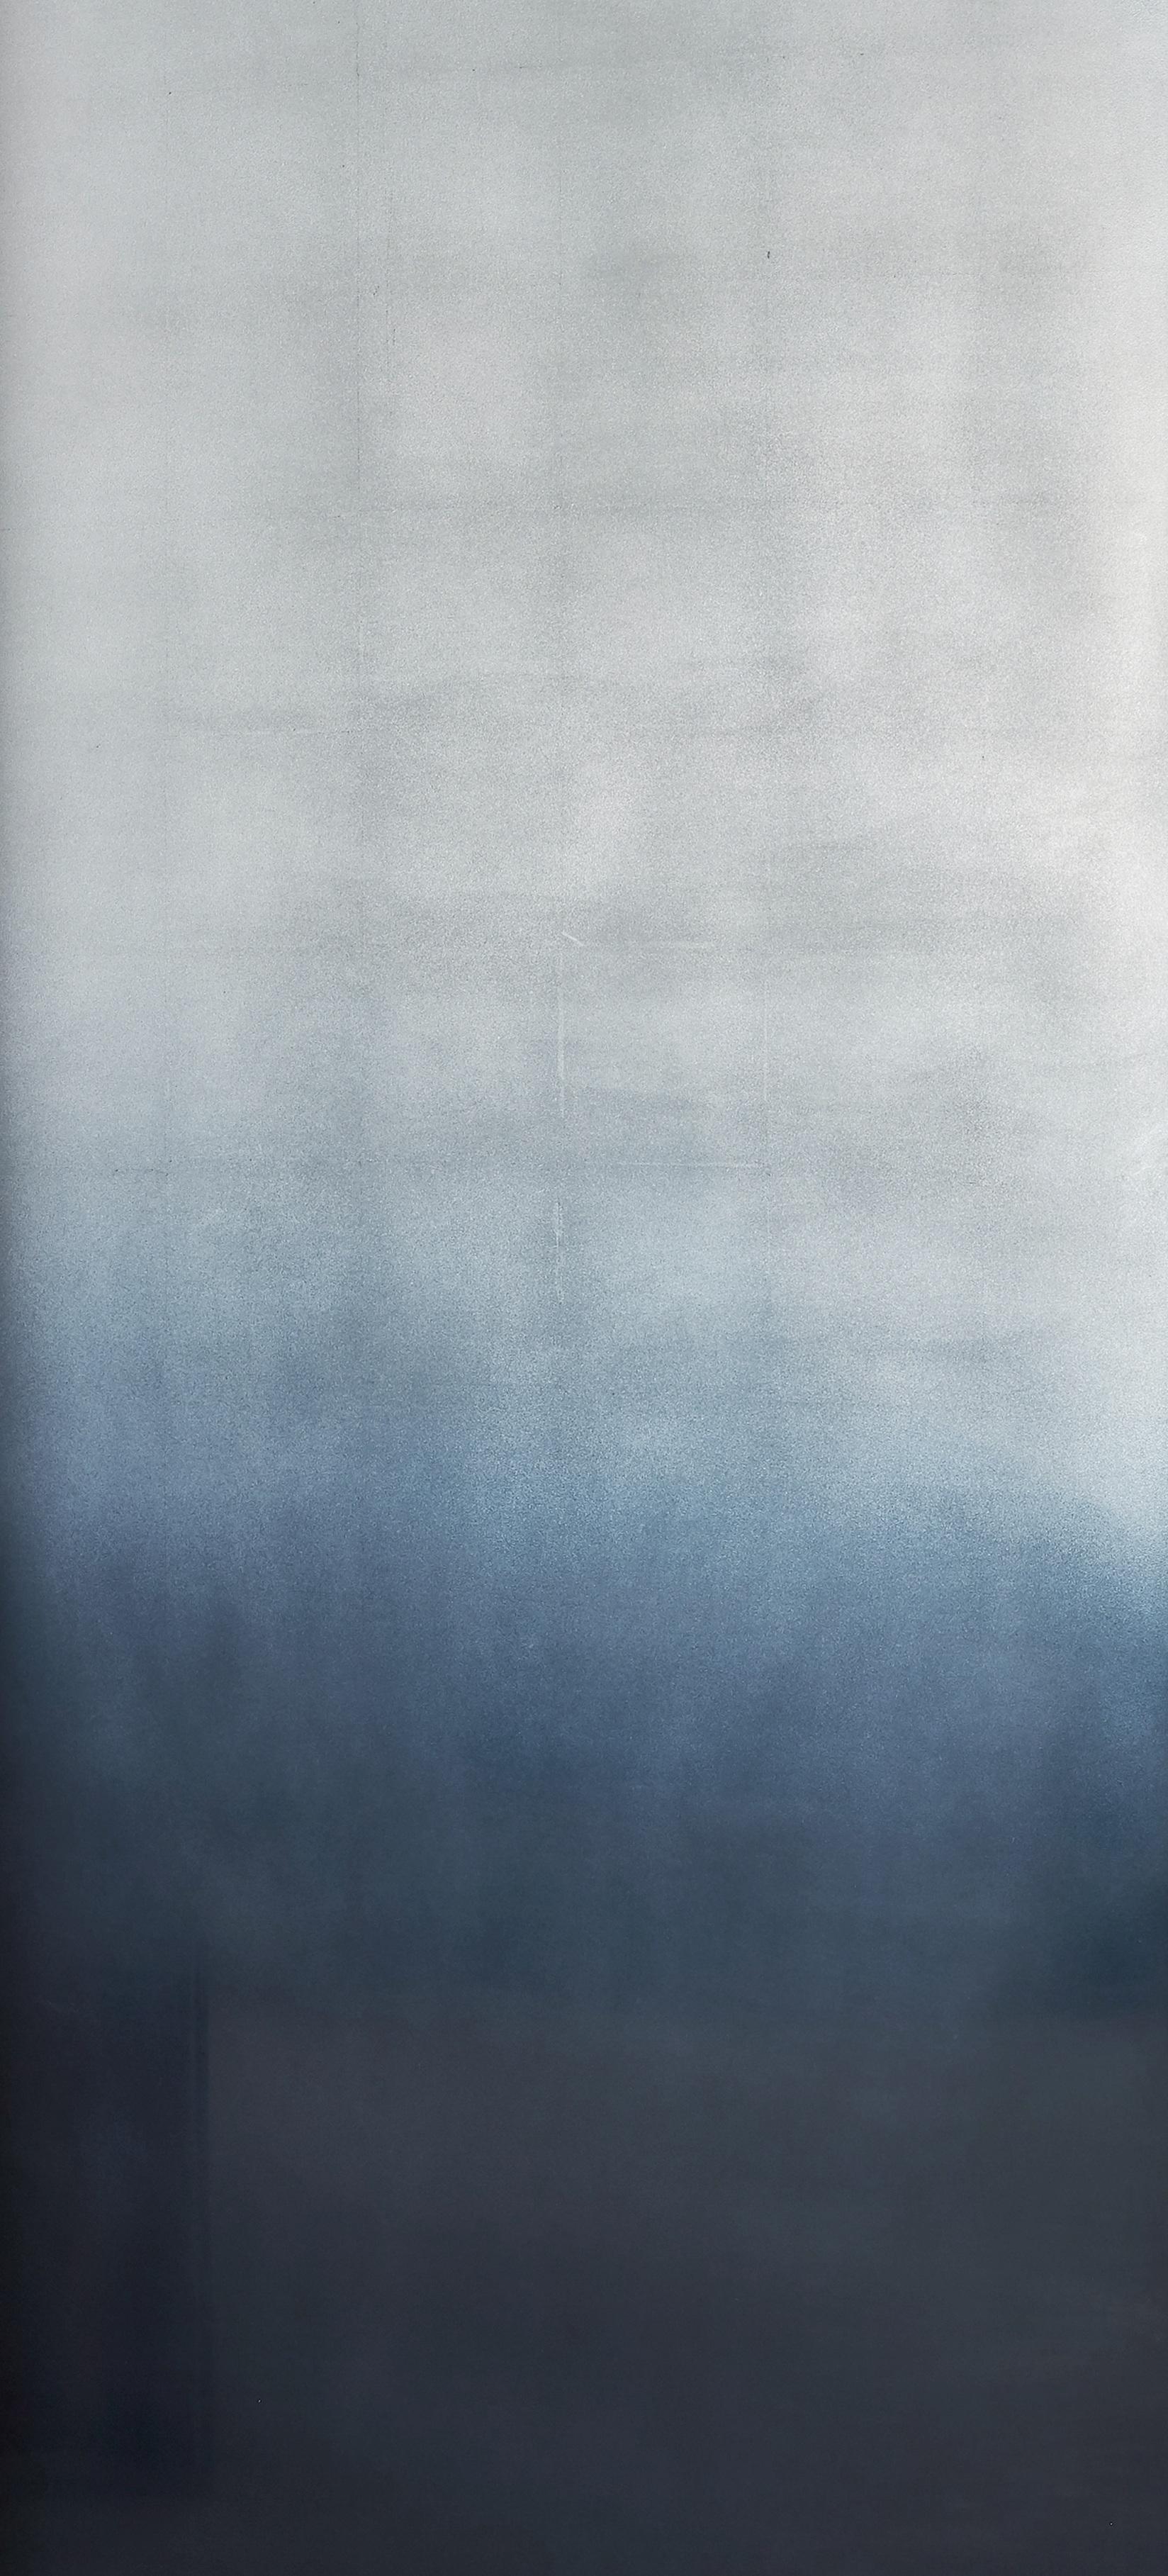 BLUE DEGRADE